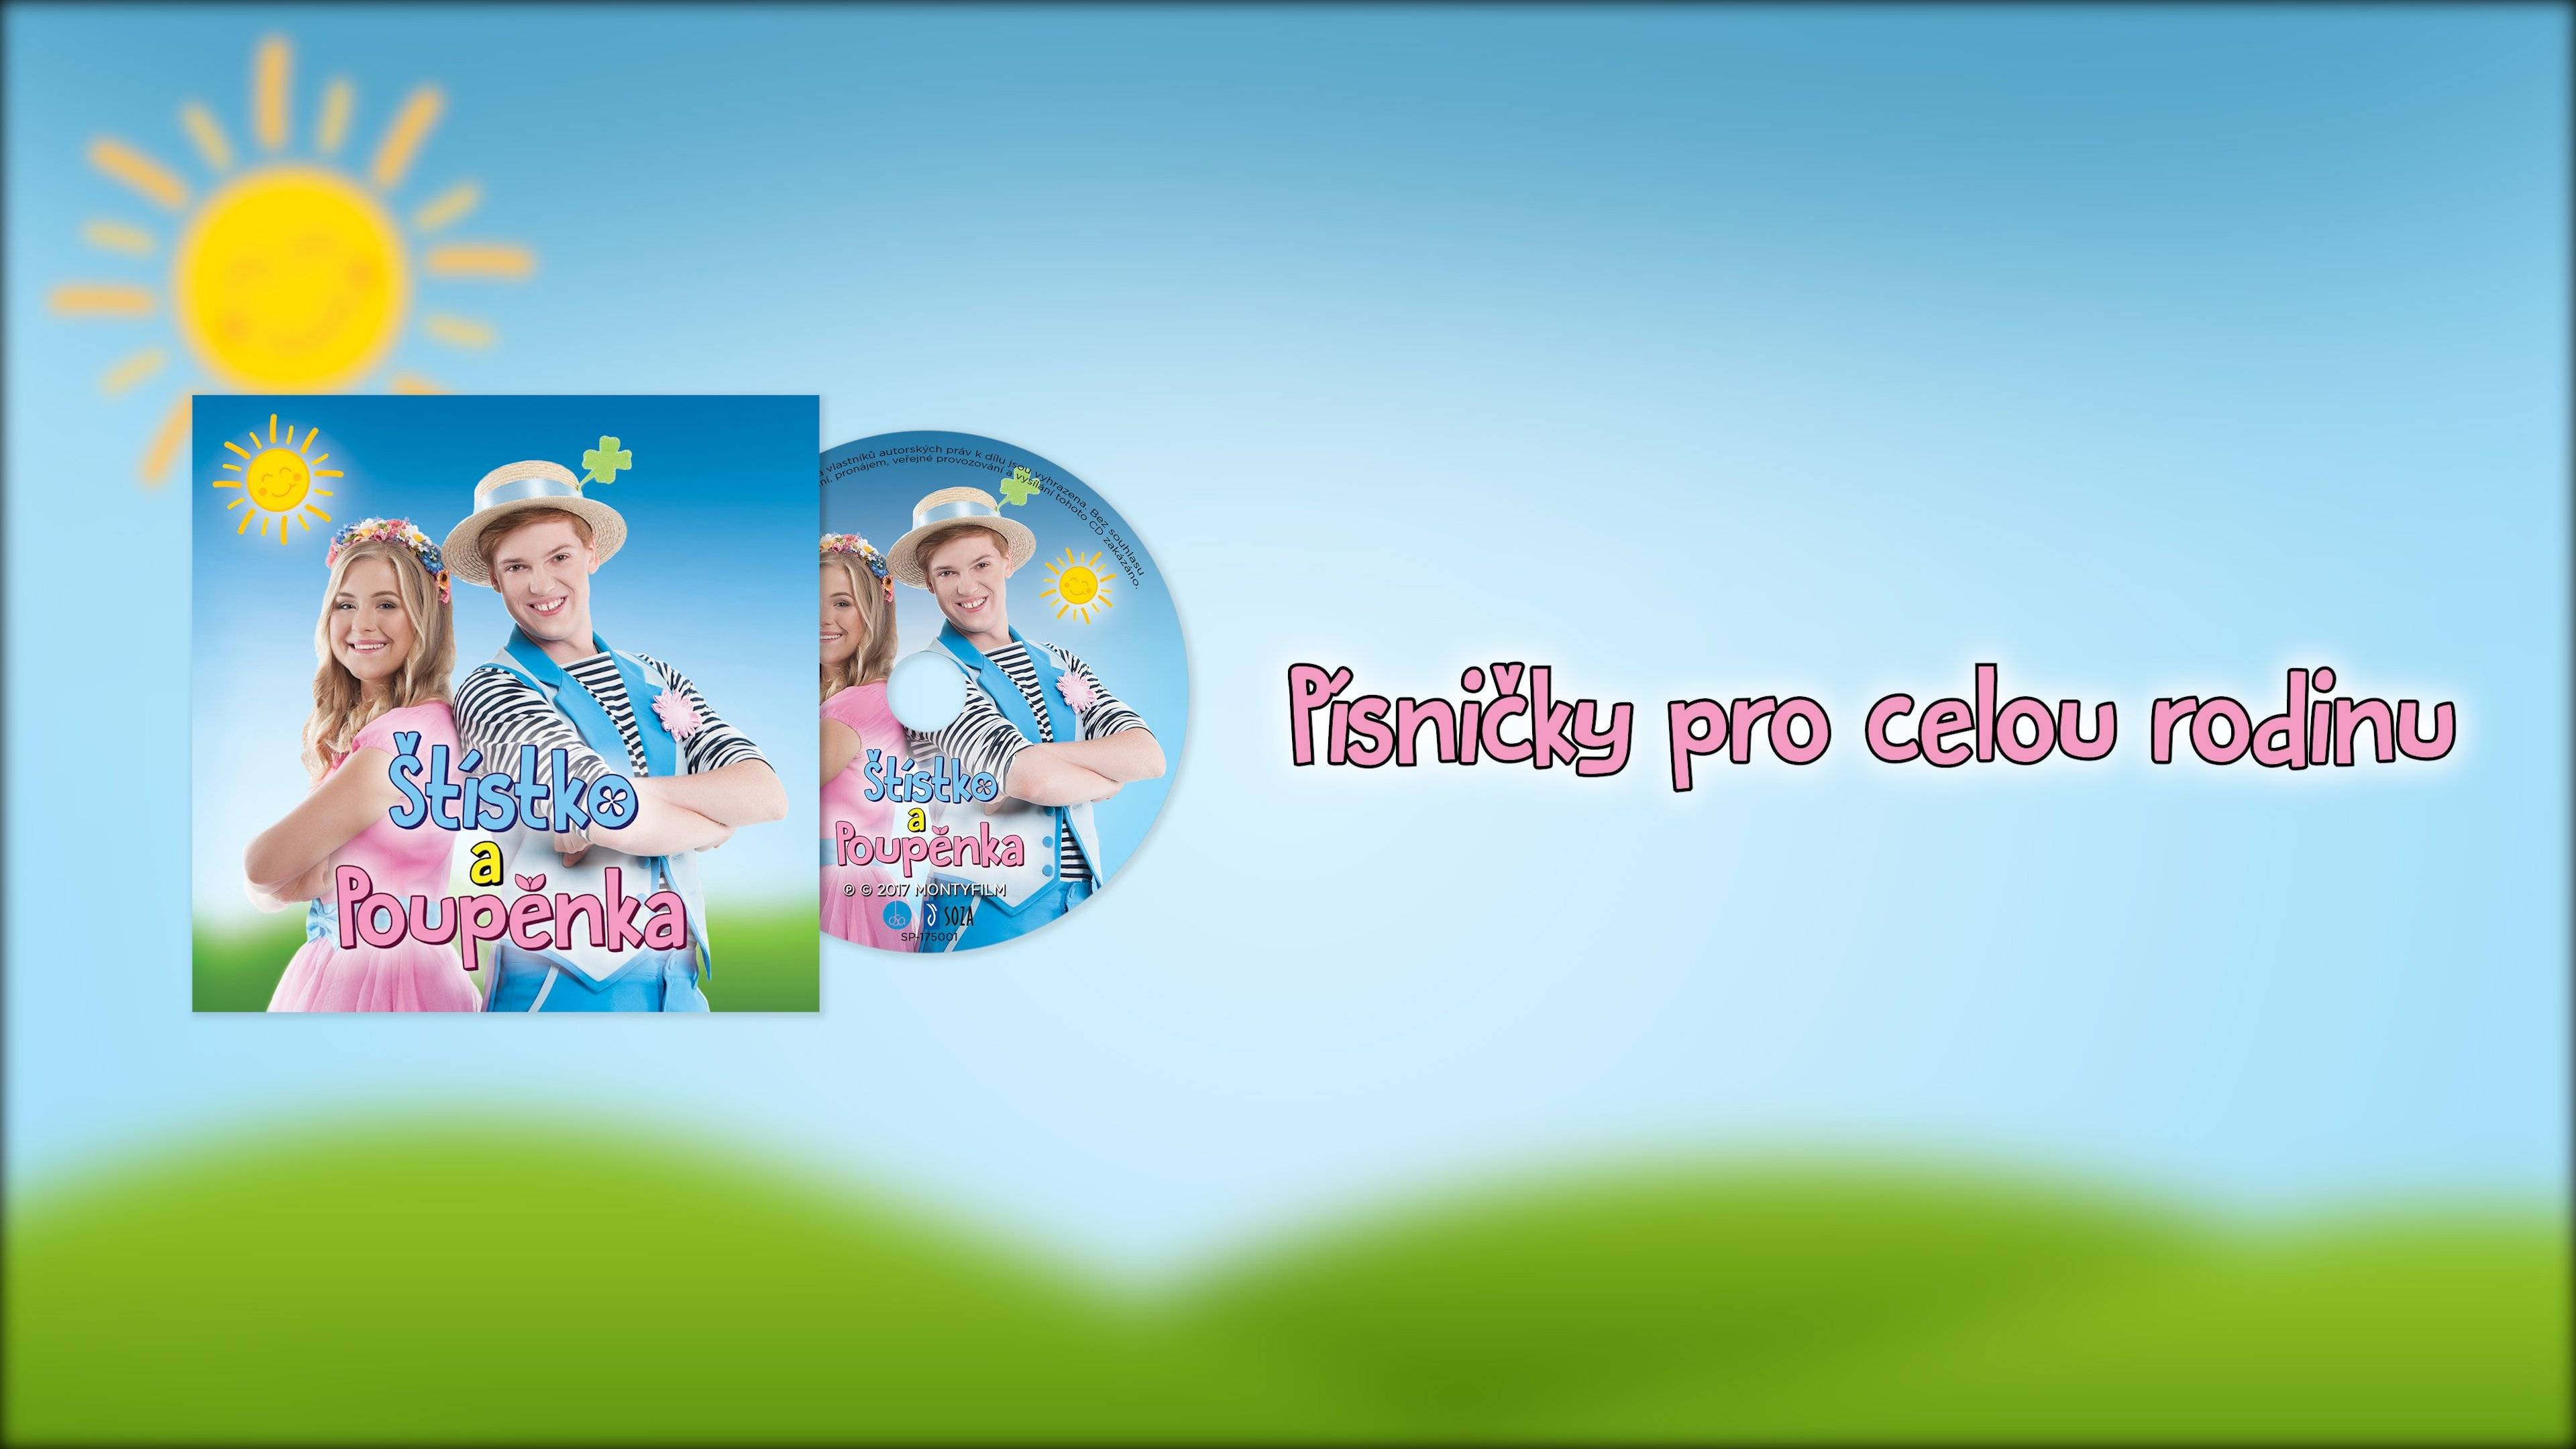 Štístko a Poupěnka CD – Písničky pro celou rodinu